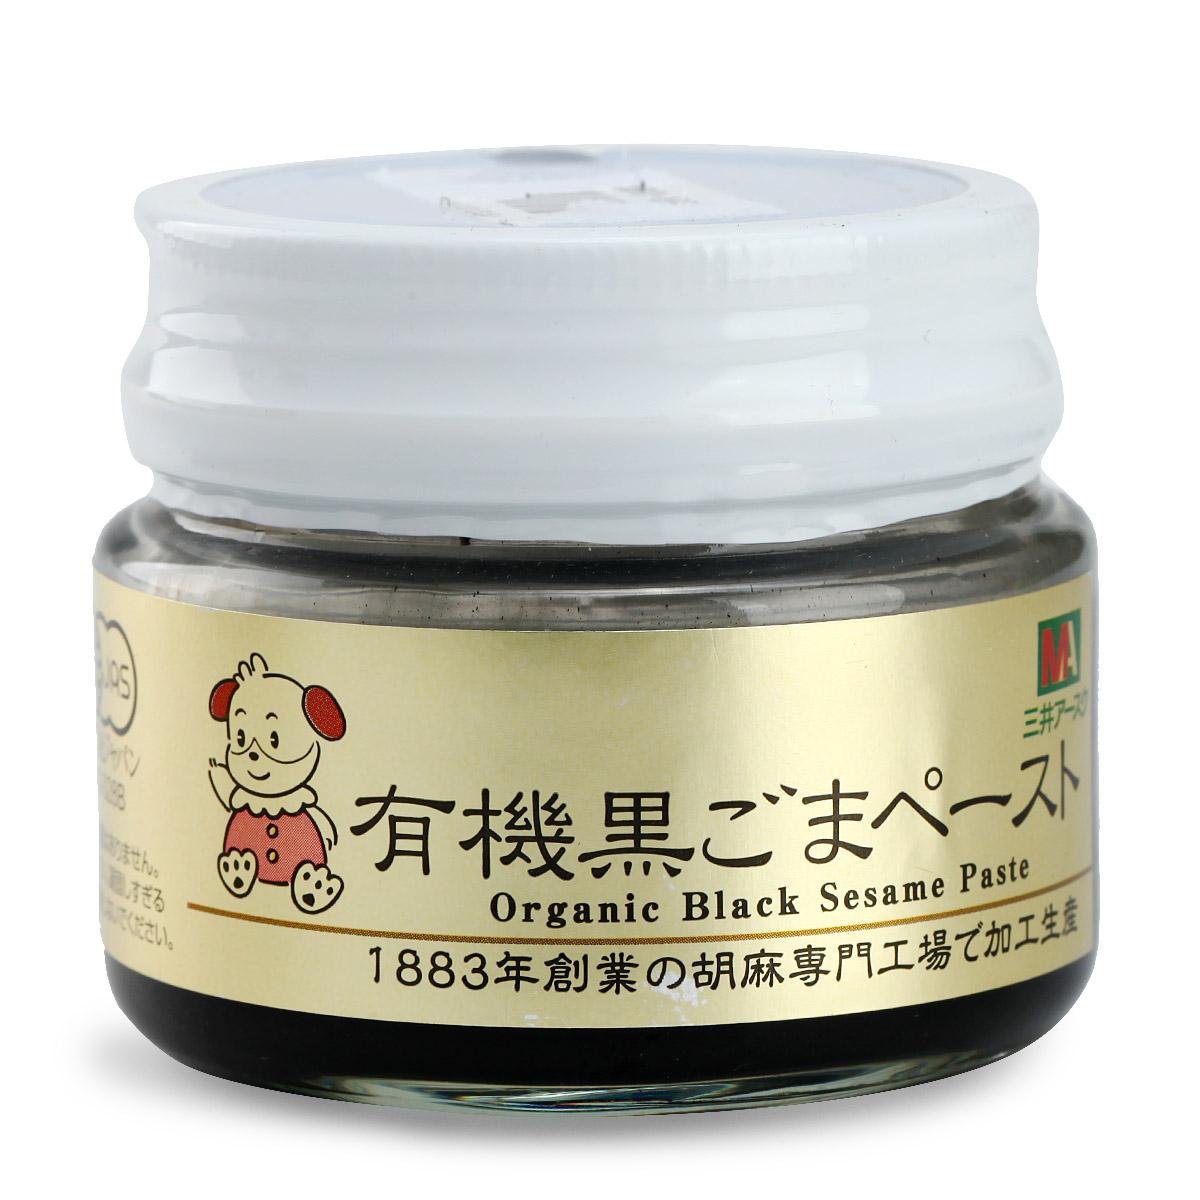 三井宝宝日本含铁补钙黑芝麻酱80g婴幼儿宝宝辅食调味品拌饭料品